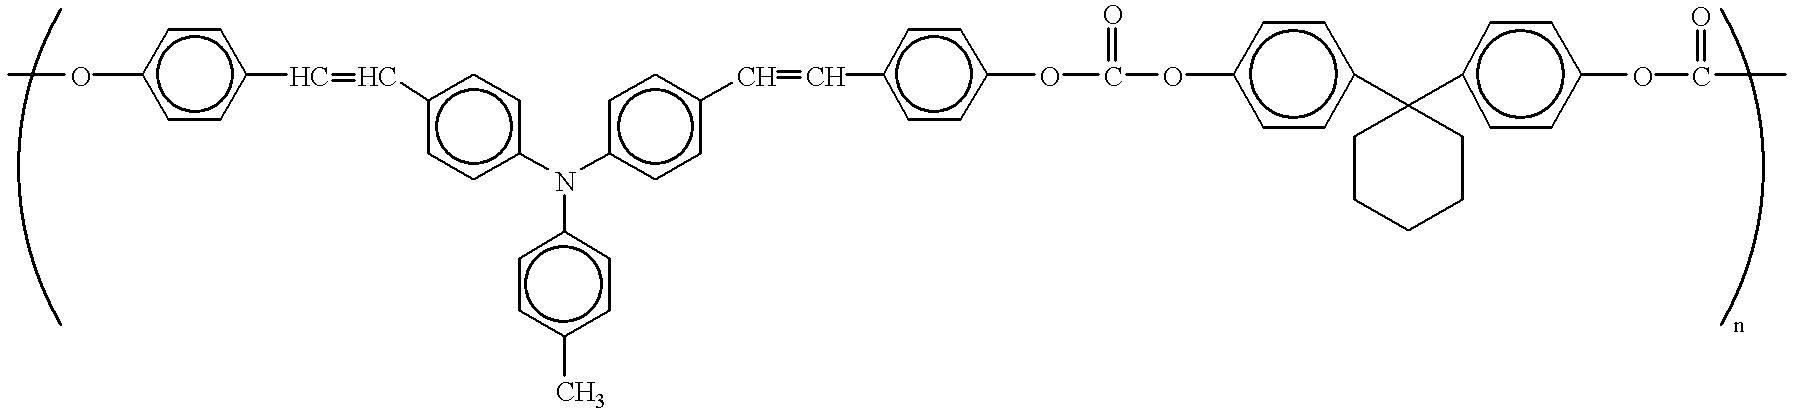 Figure US06558863-20030506-C00078